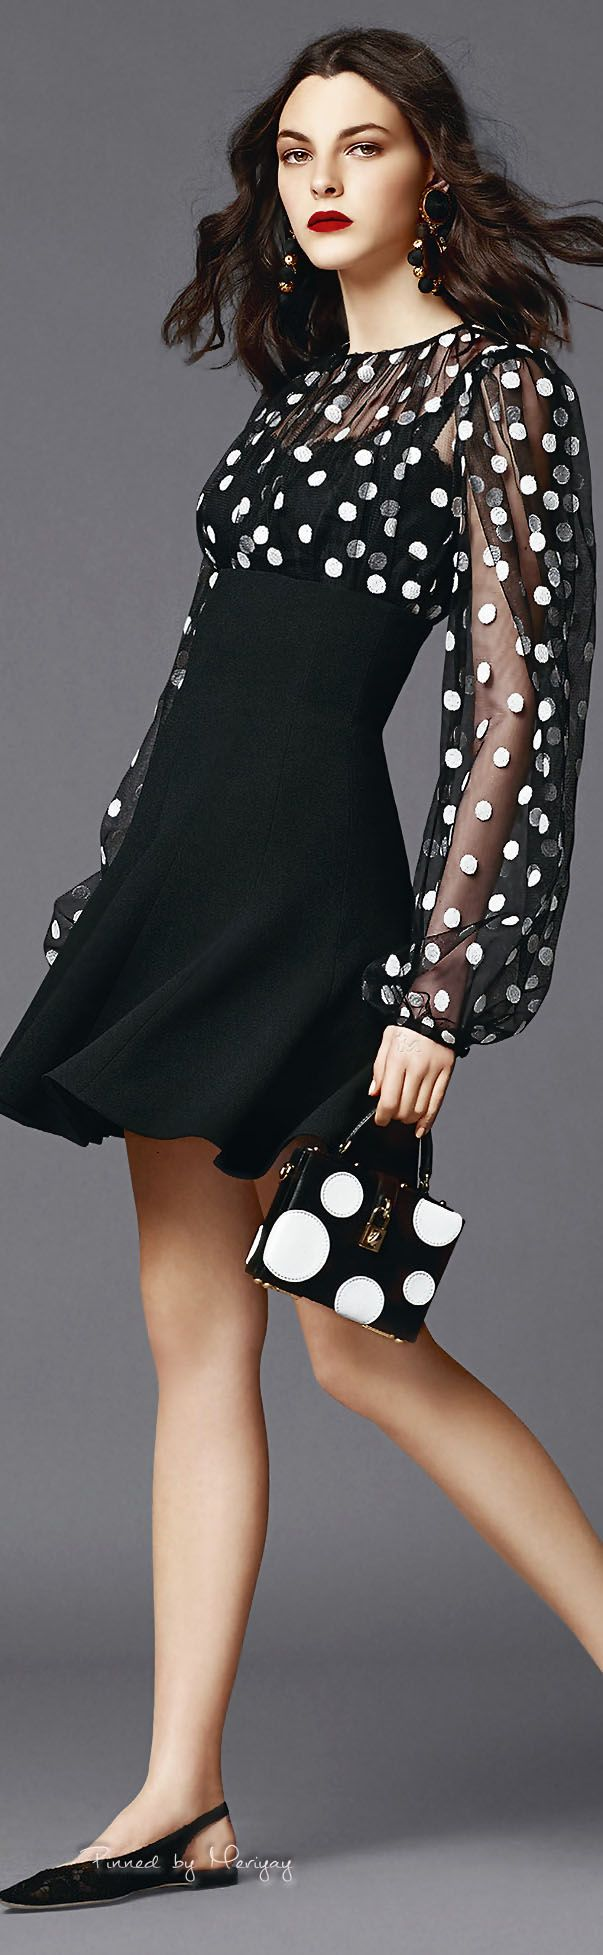 ♔Dolce & Gabbana.2015♔  #vestido #evasê #manga #poás #preto&branco